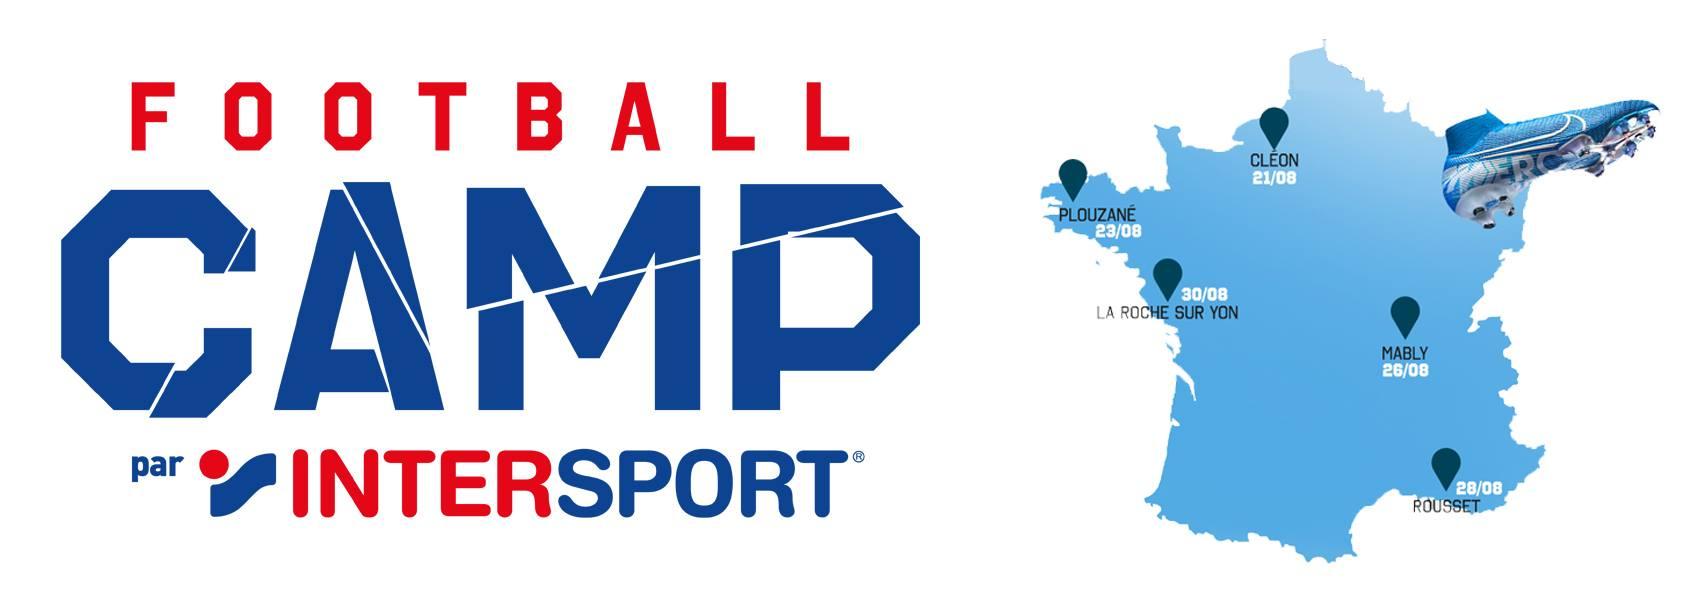 Camp Et Teste Au Nouvelle Participe Football Intersport Mercurial La wOk0Pn